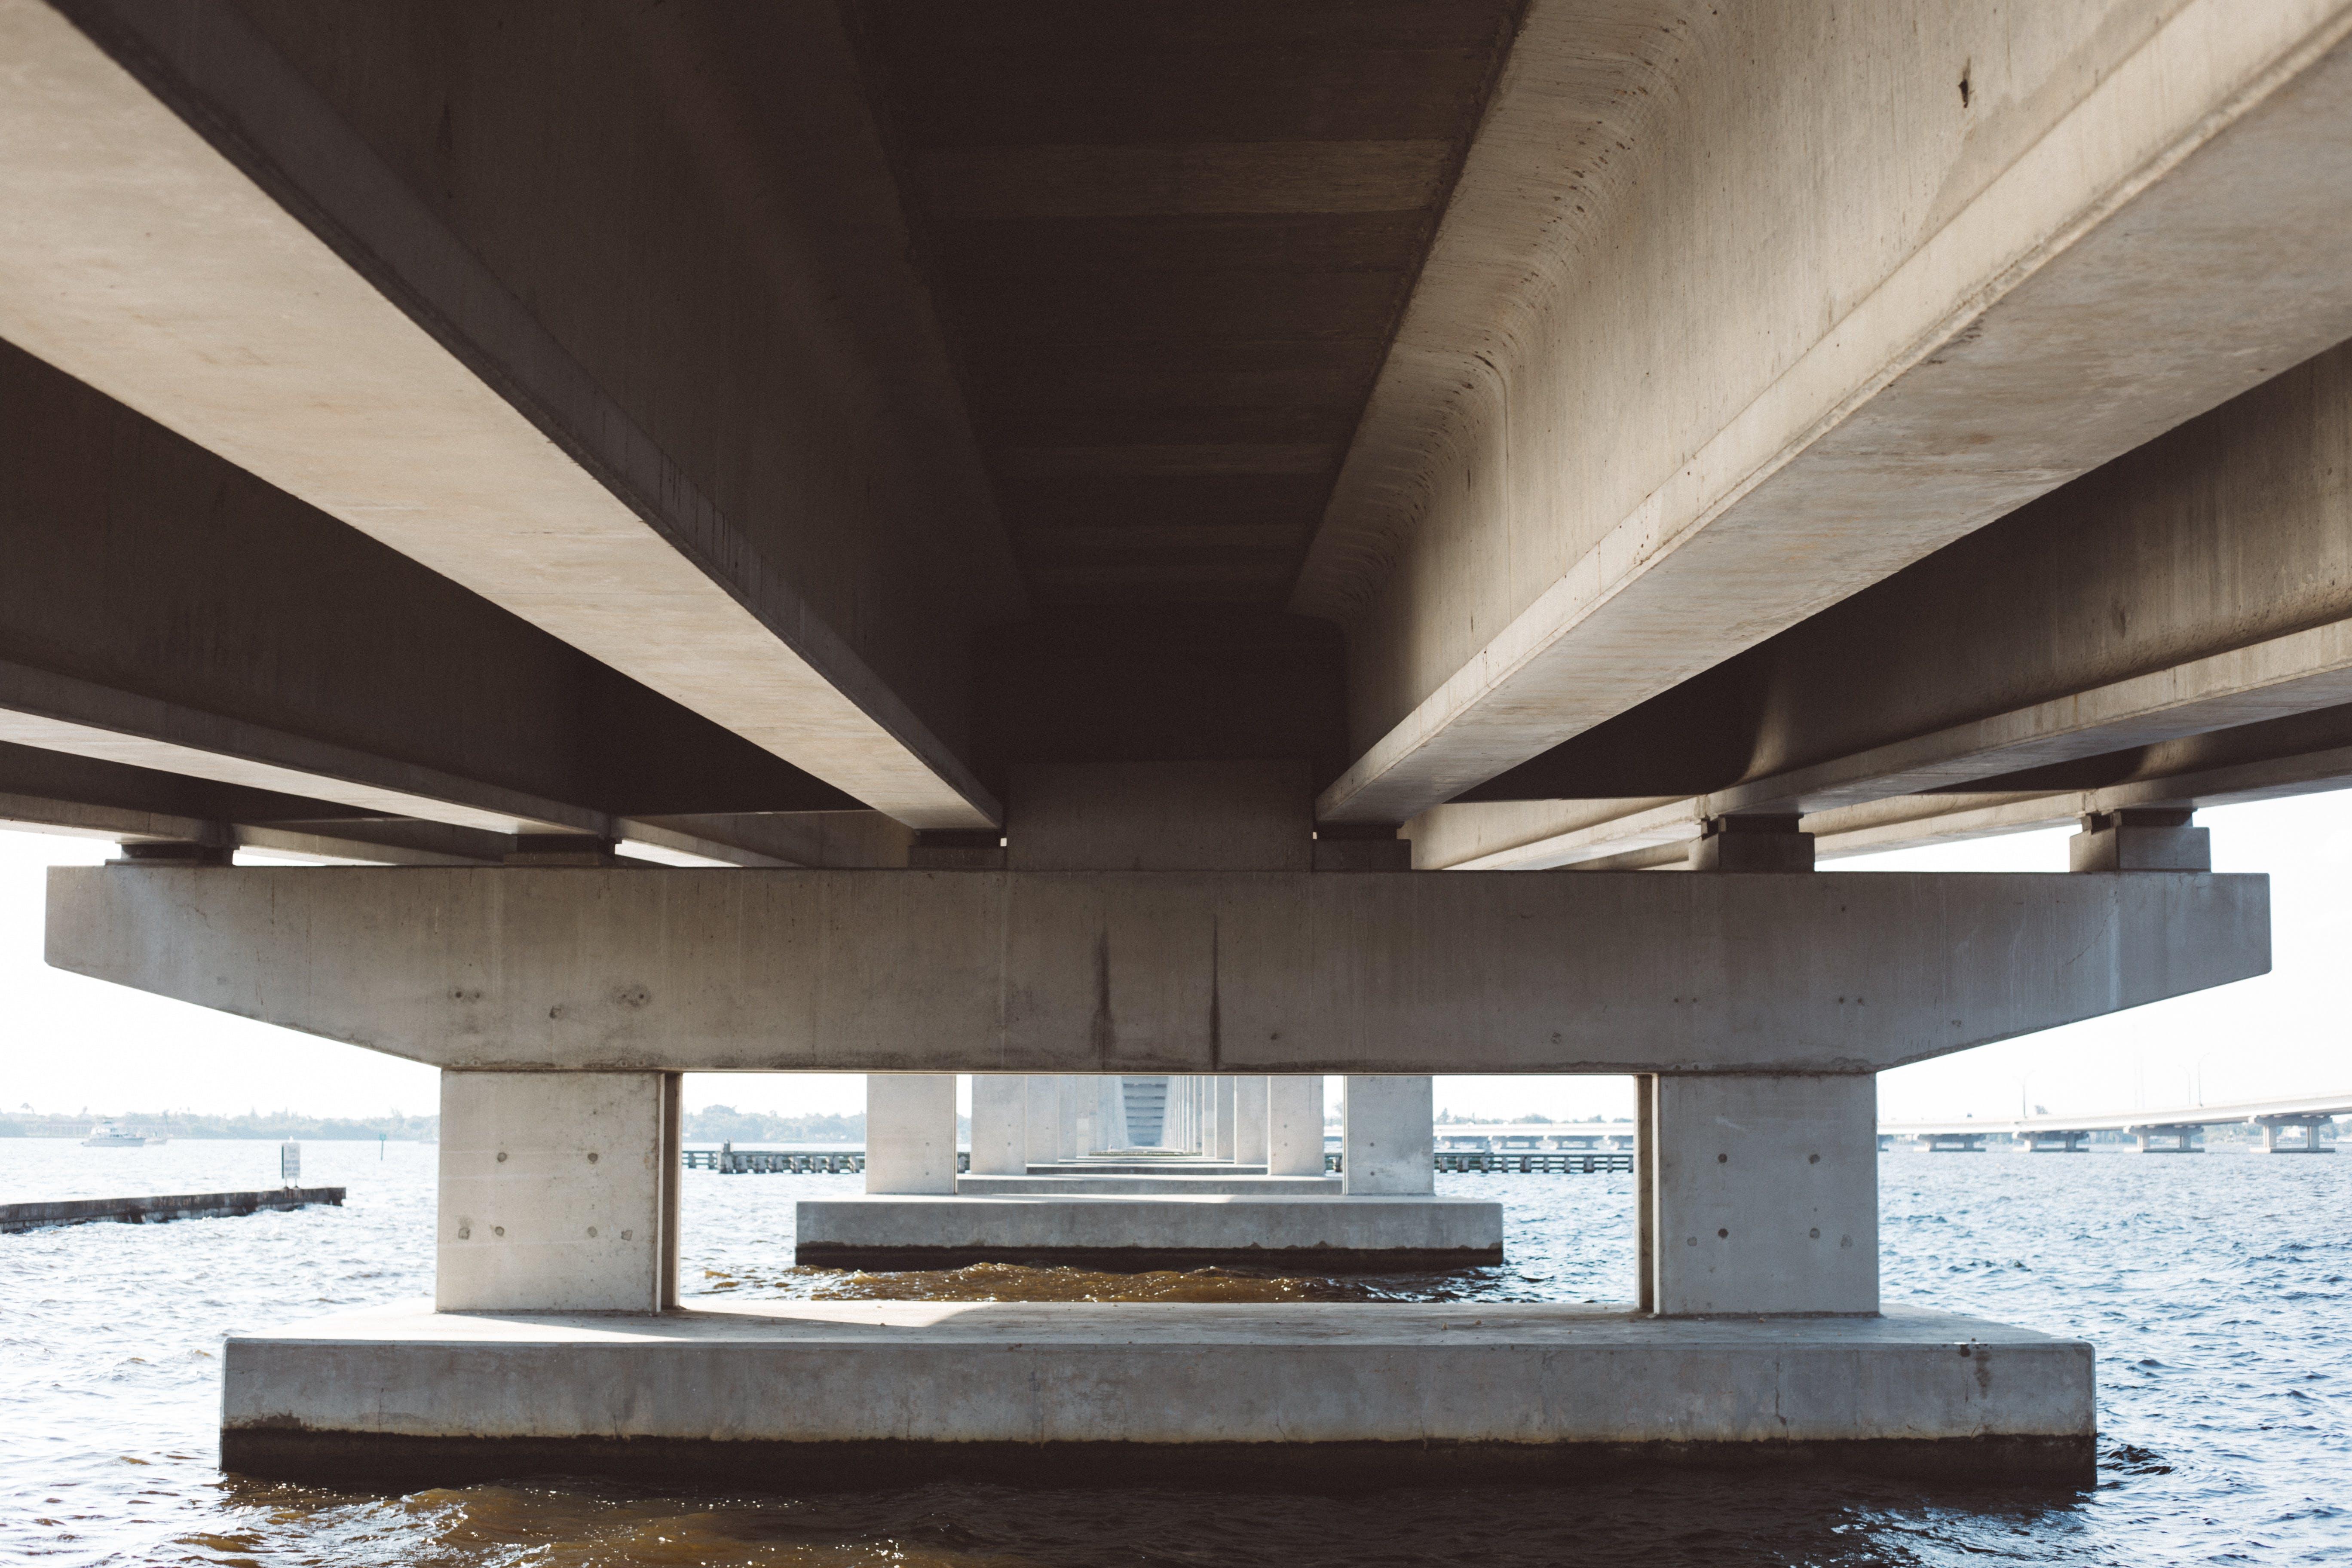 강철, 건설, 건축, 다리의 무료 스톡 사진